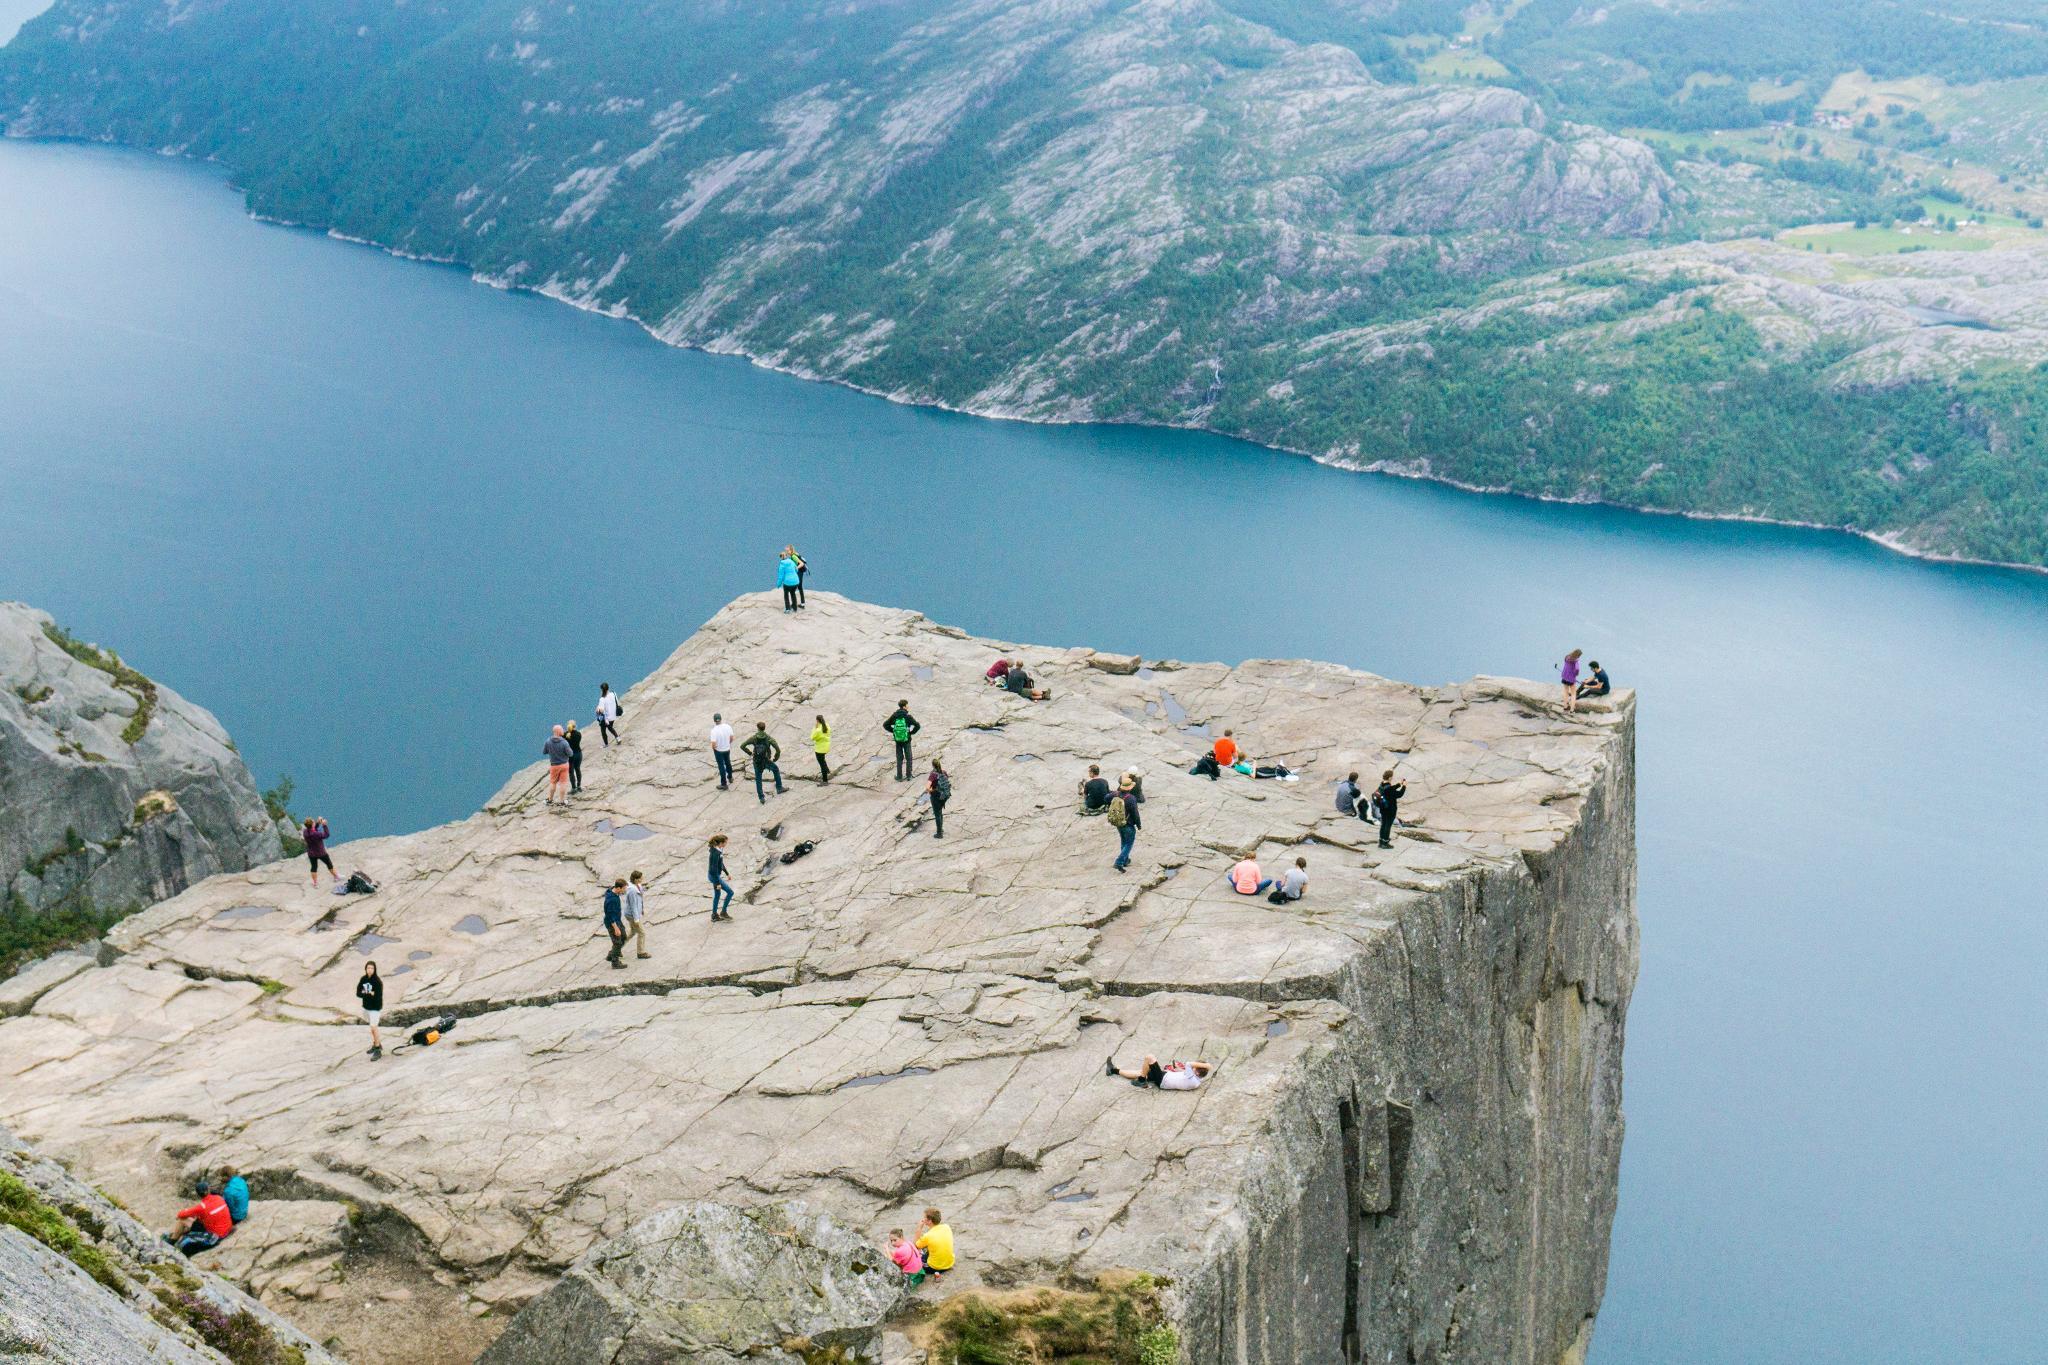 【北歐景點】朝聖挪威三大奇岩:聖壇岩Preikestolen健行紀錄 32